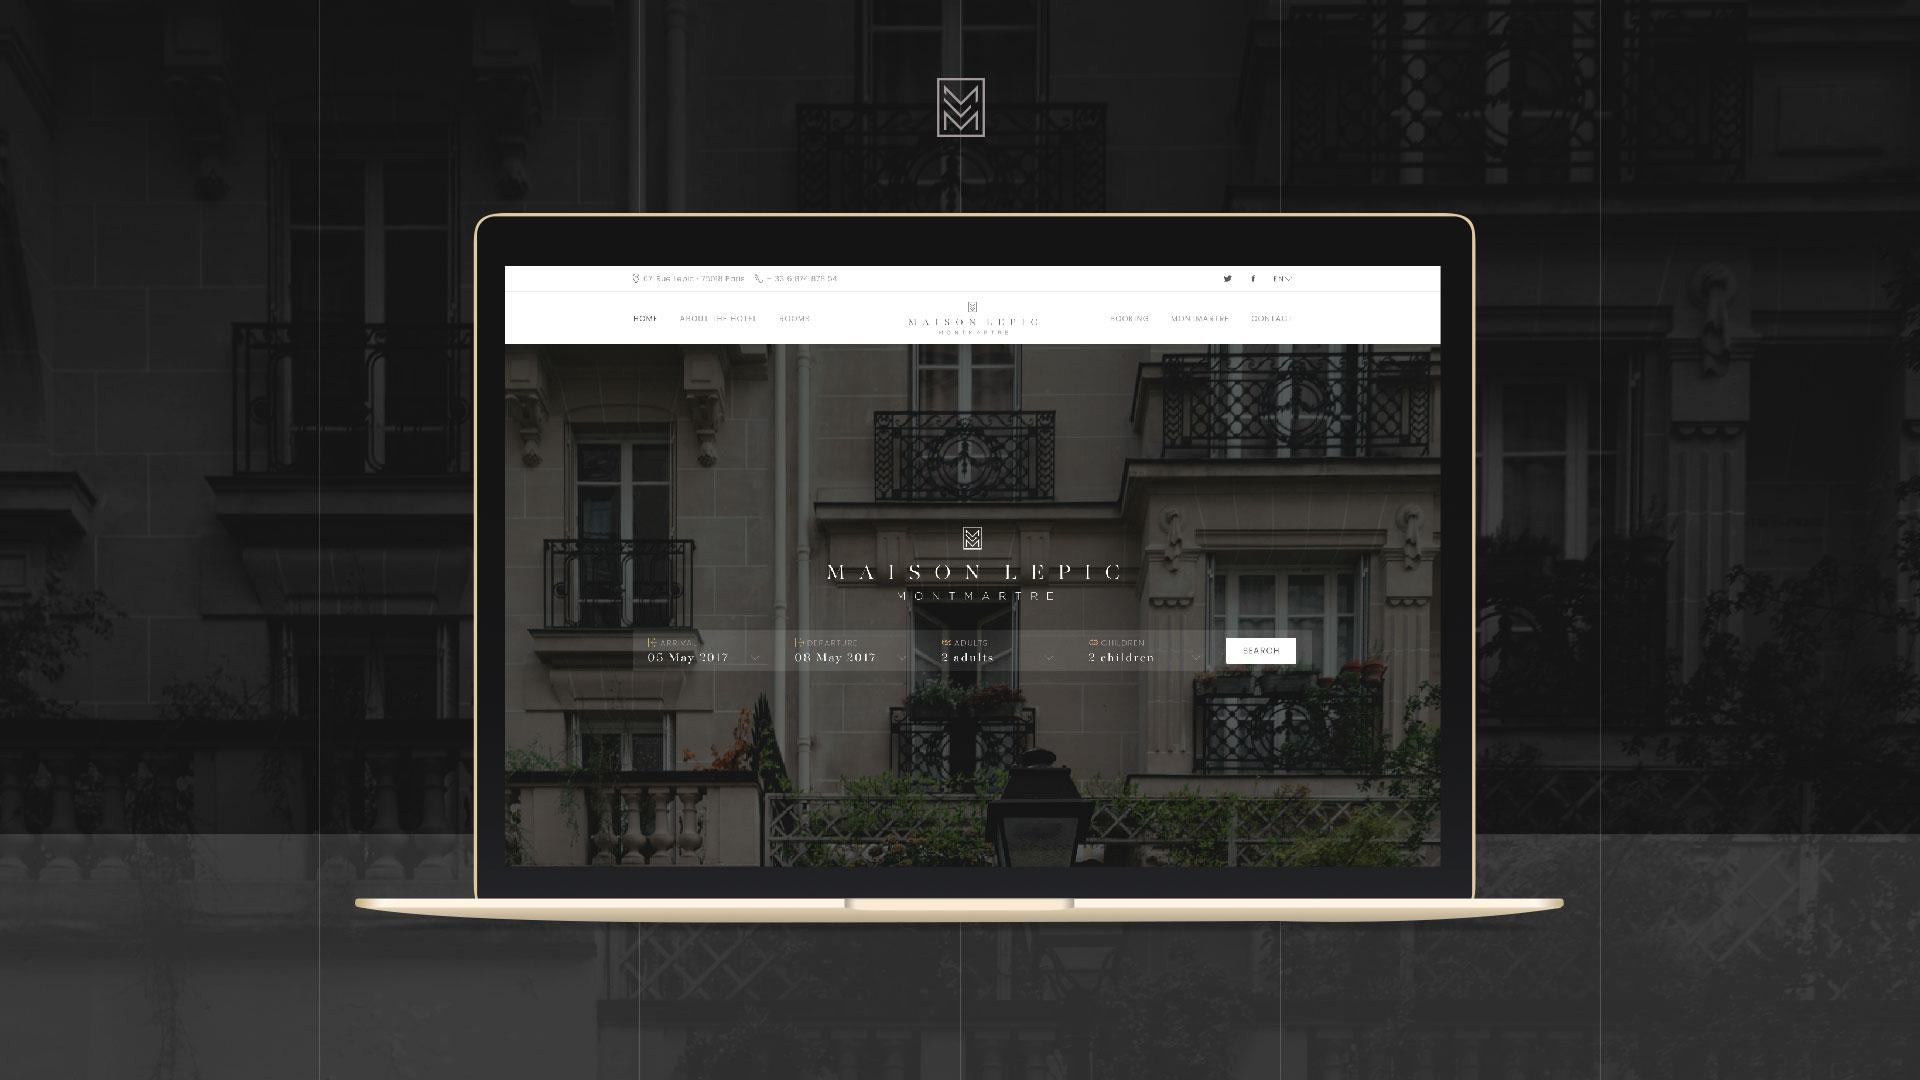 Maison Lepic, Montmartre - 1